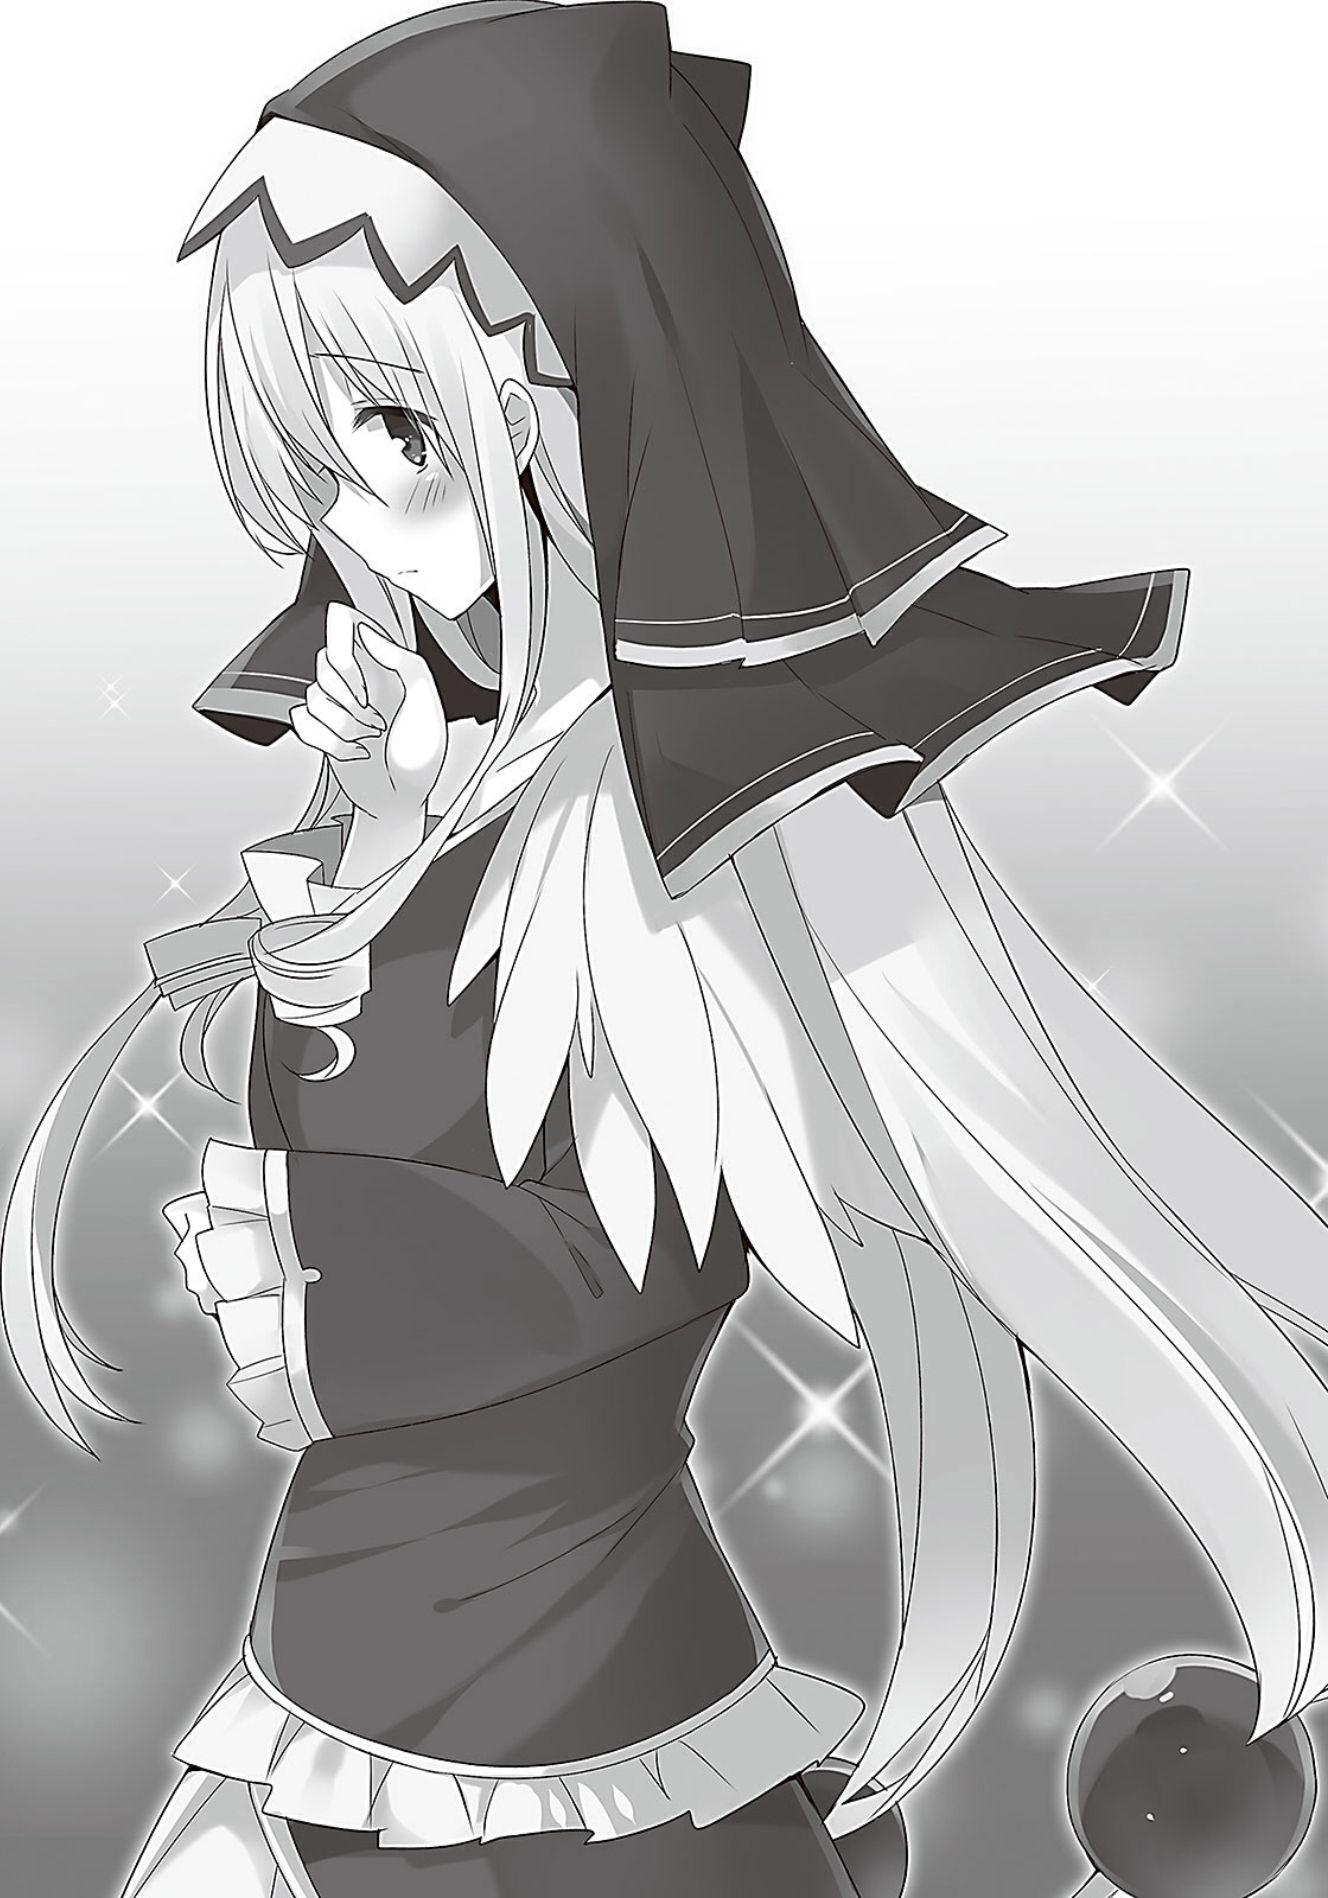 Kono Subarashii Sekai Ni Shukufuku o! Tập 4 Chương 1